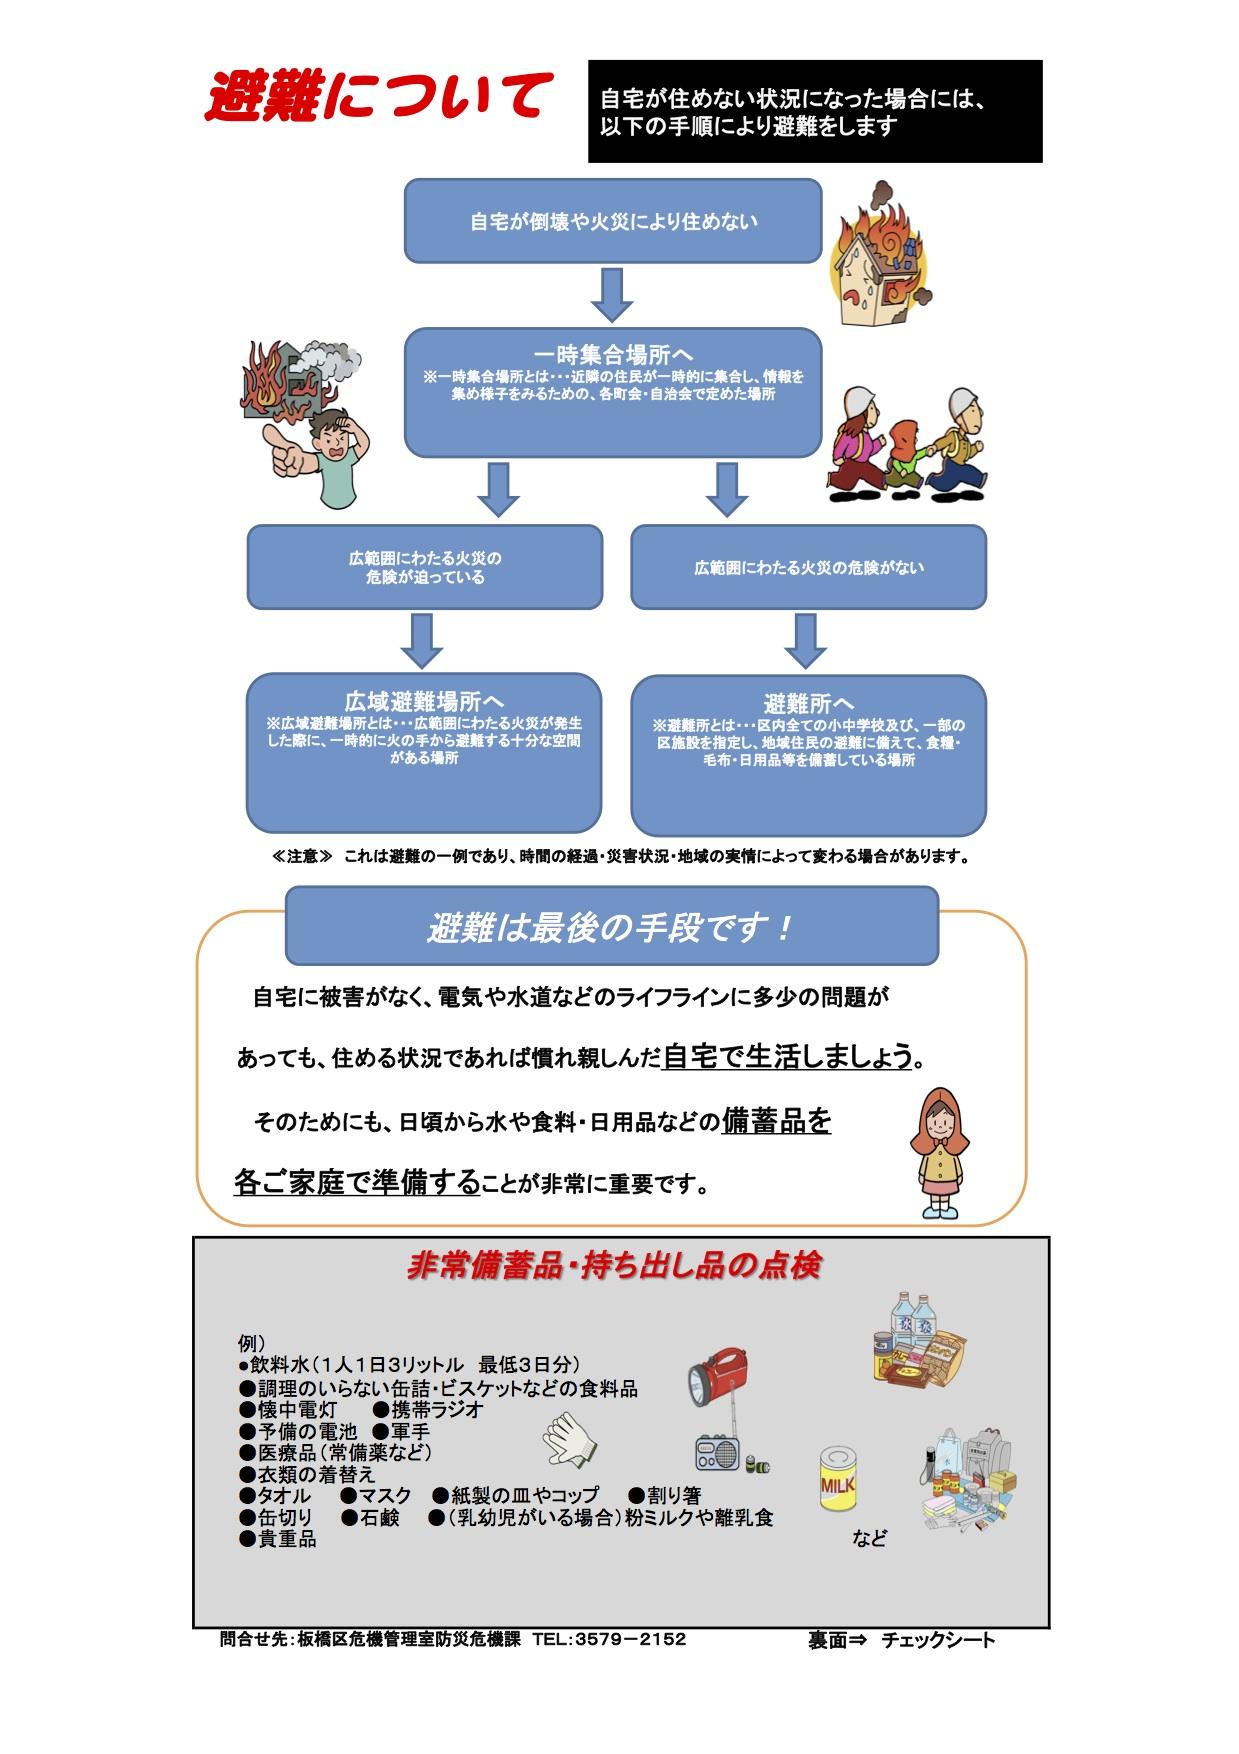 板橋区危機管理室_避難手順書1